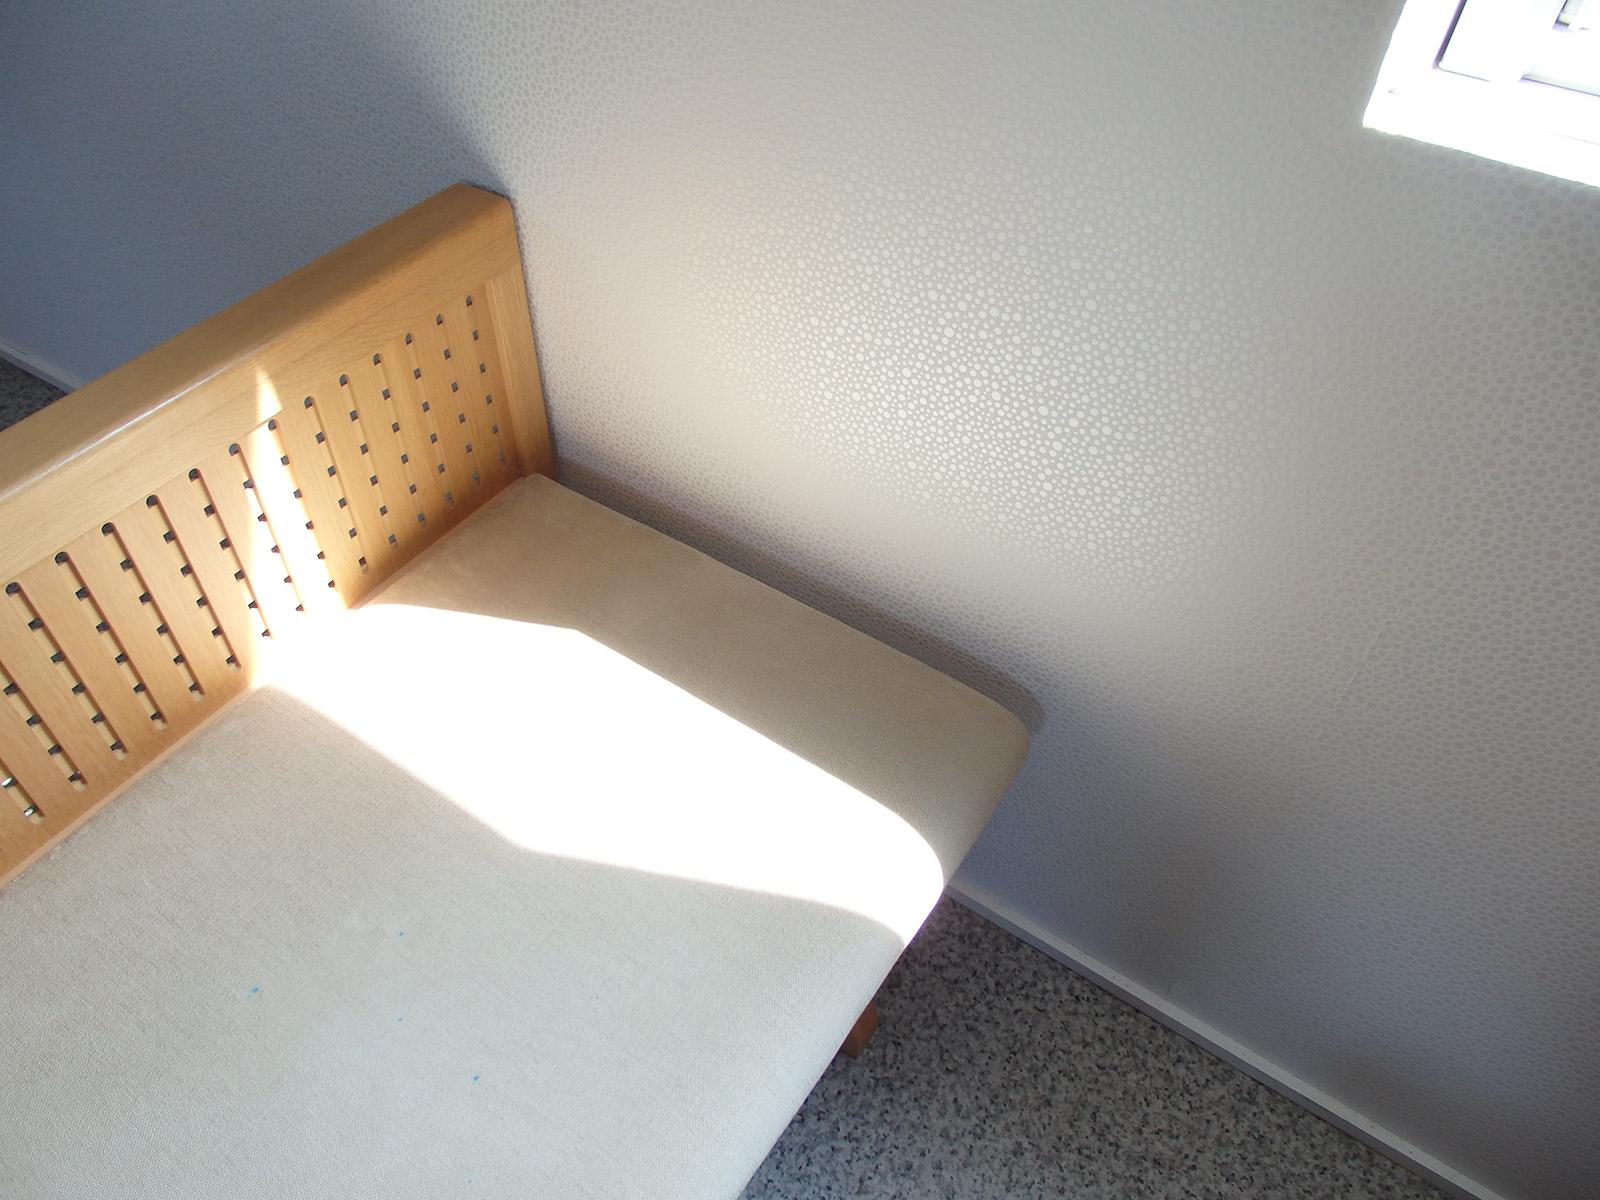 柔らかい模様の壁紙を全面に貼った北側の壁は、光の入り具合によって雰囲気が変わる